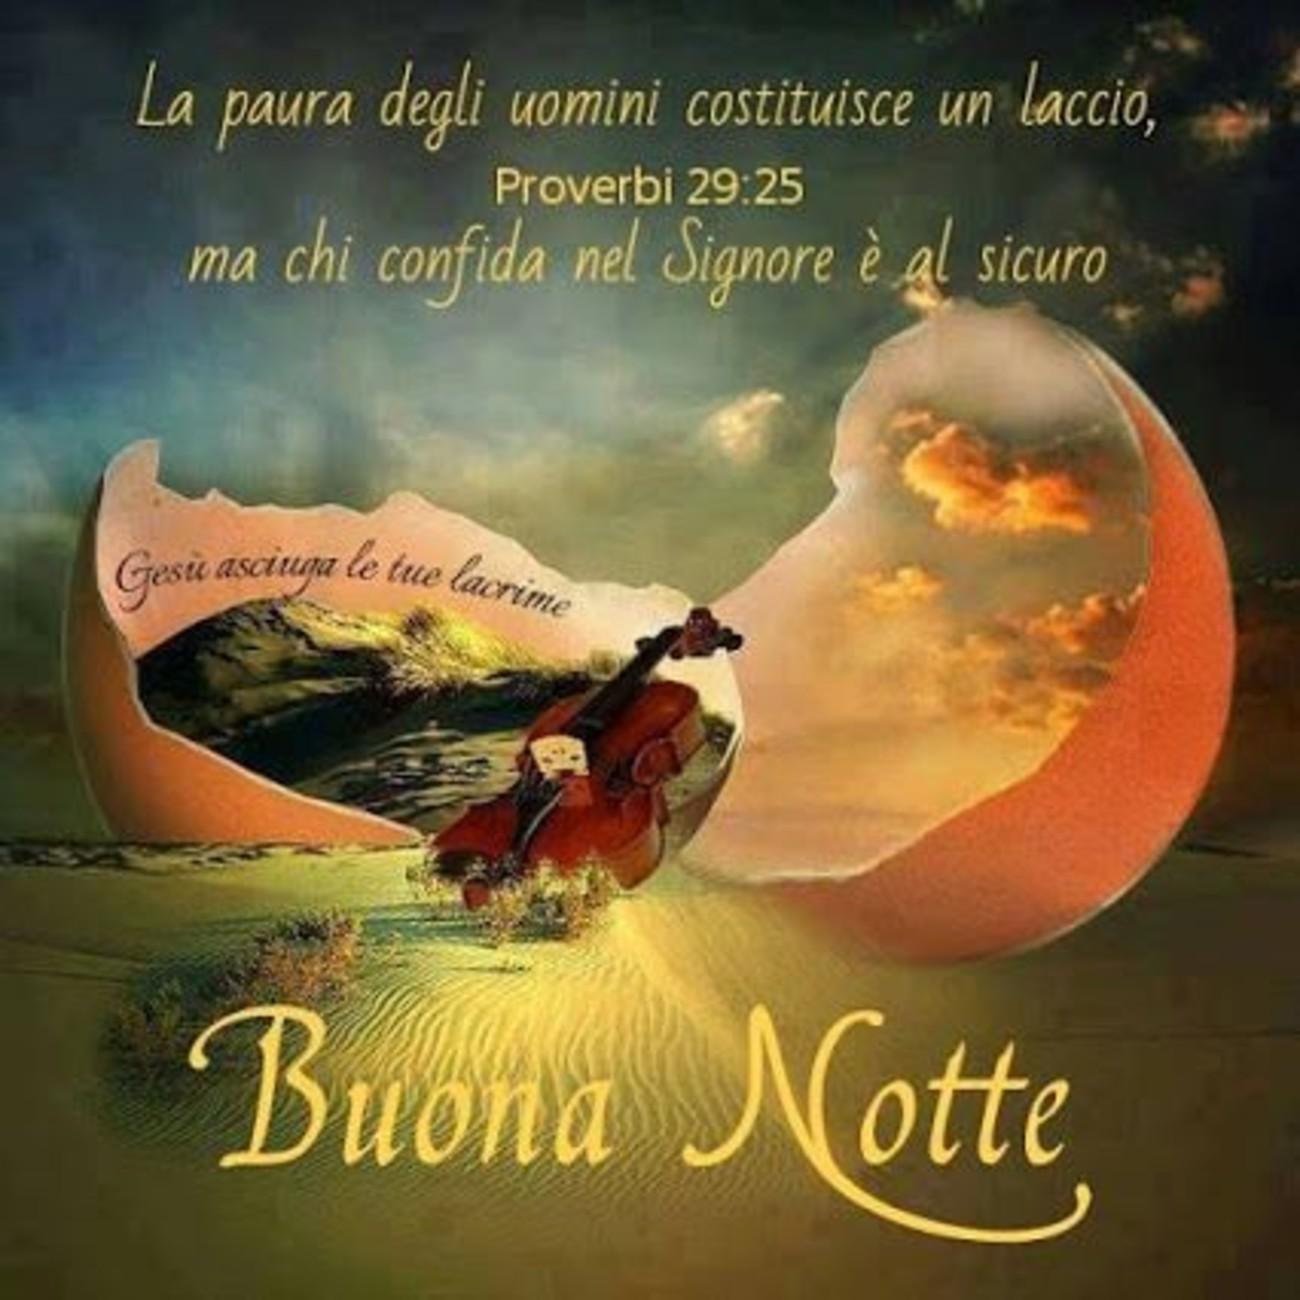 Belle Immagini Buonanotte 2 Buongiornoate It